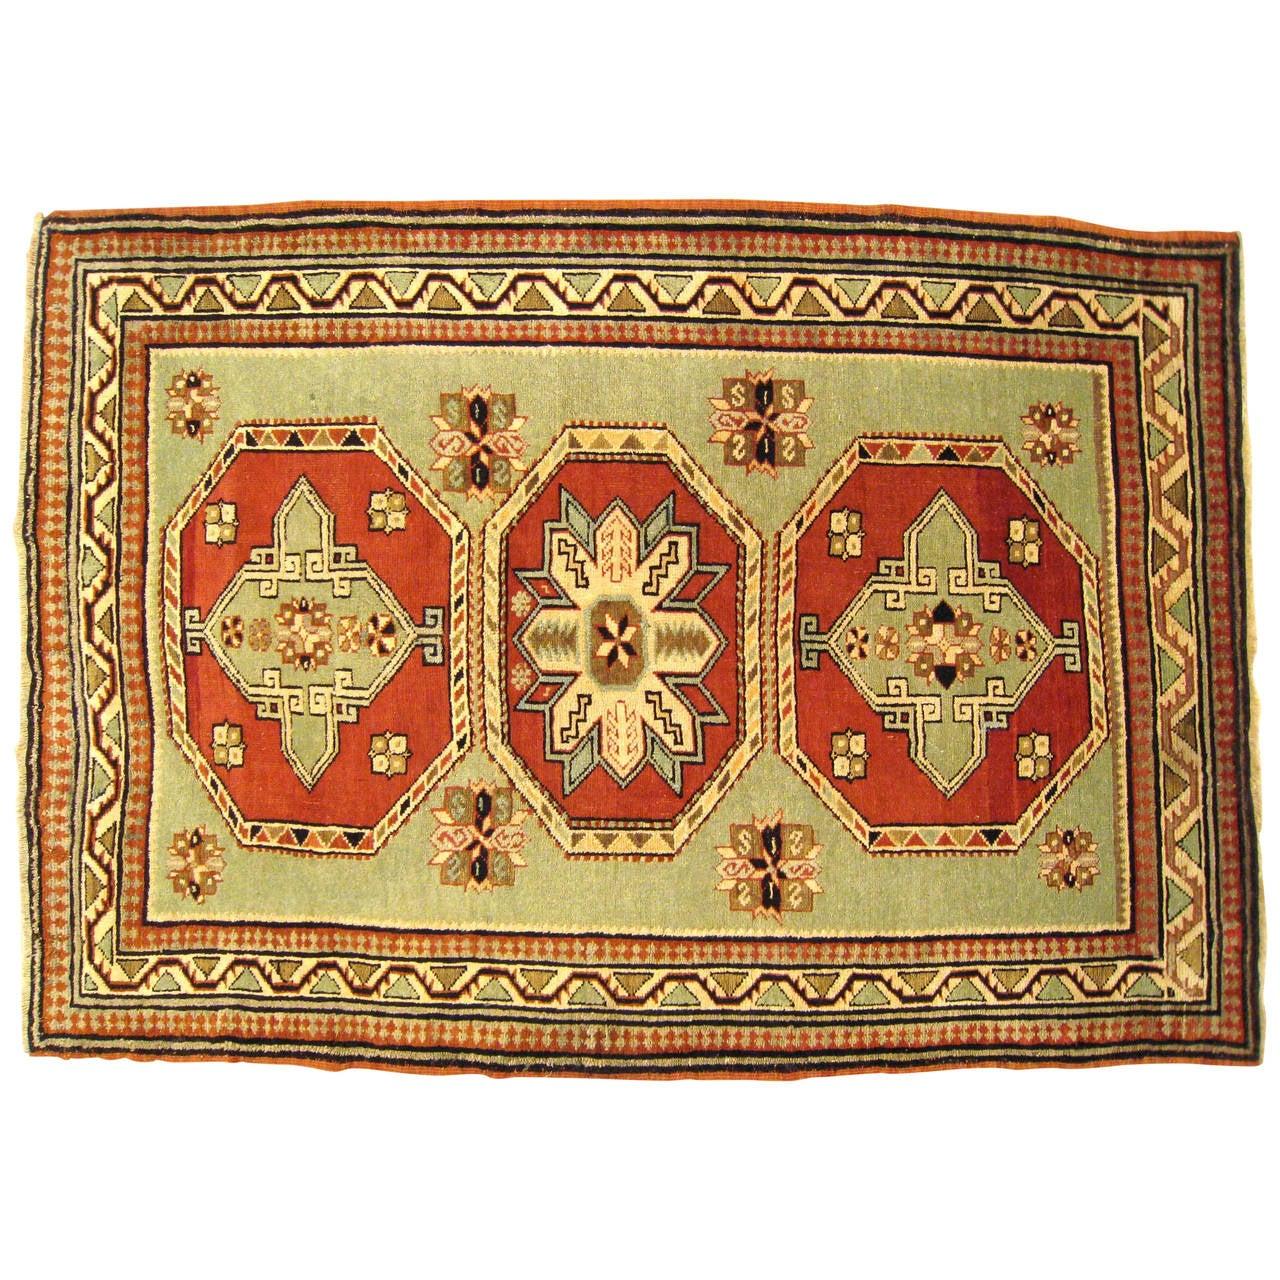 Antique Caucasian Kazak Oriental Rug, In Small Squarish